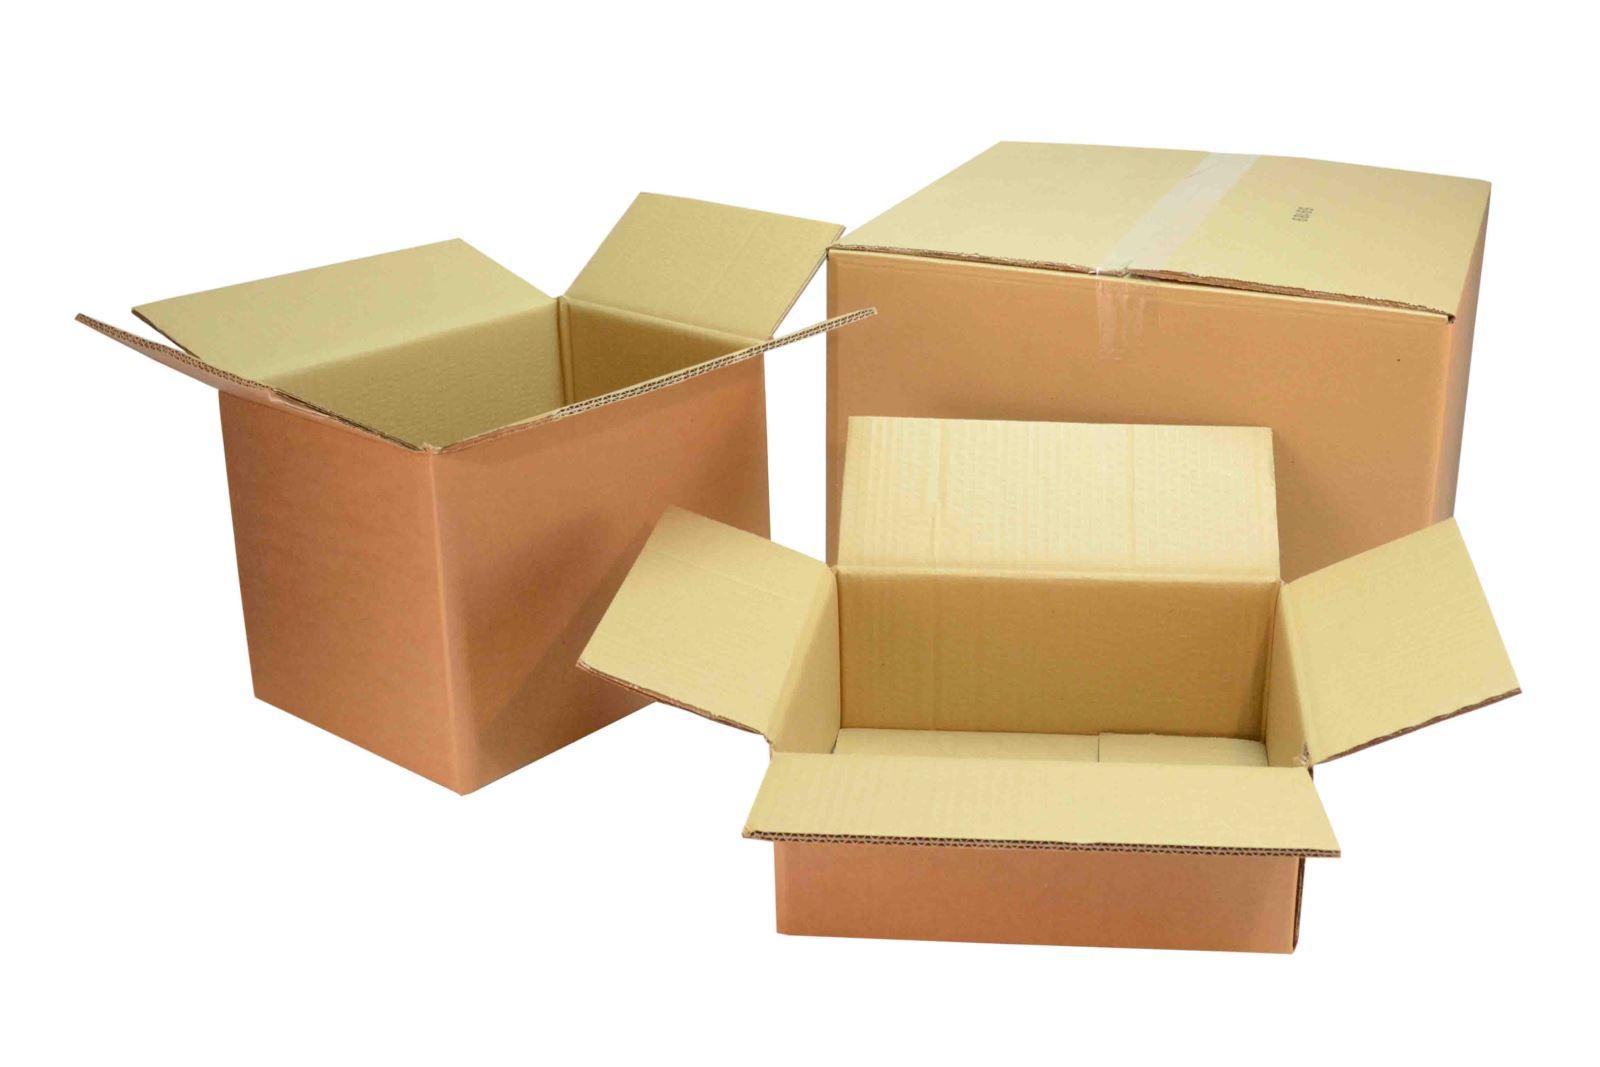 Lý do chọn đơn vị thu mua phế liệu giấy Carton giá cao Hưng Thịnh